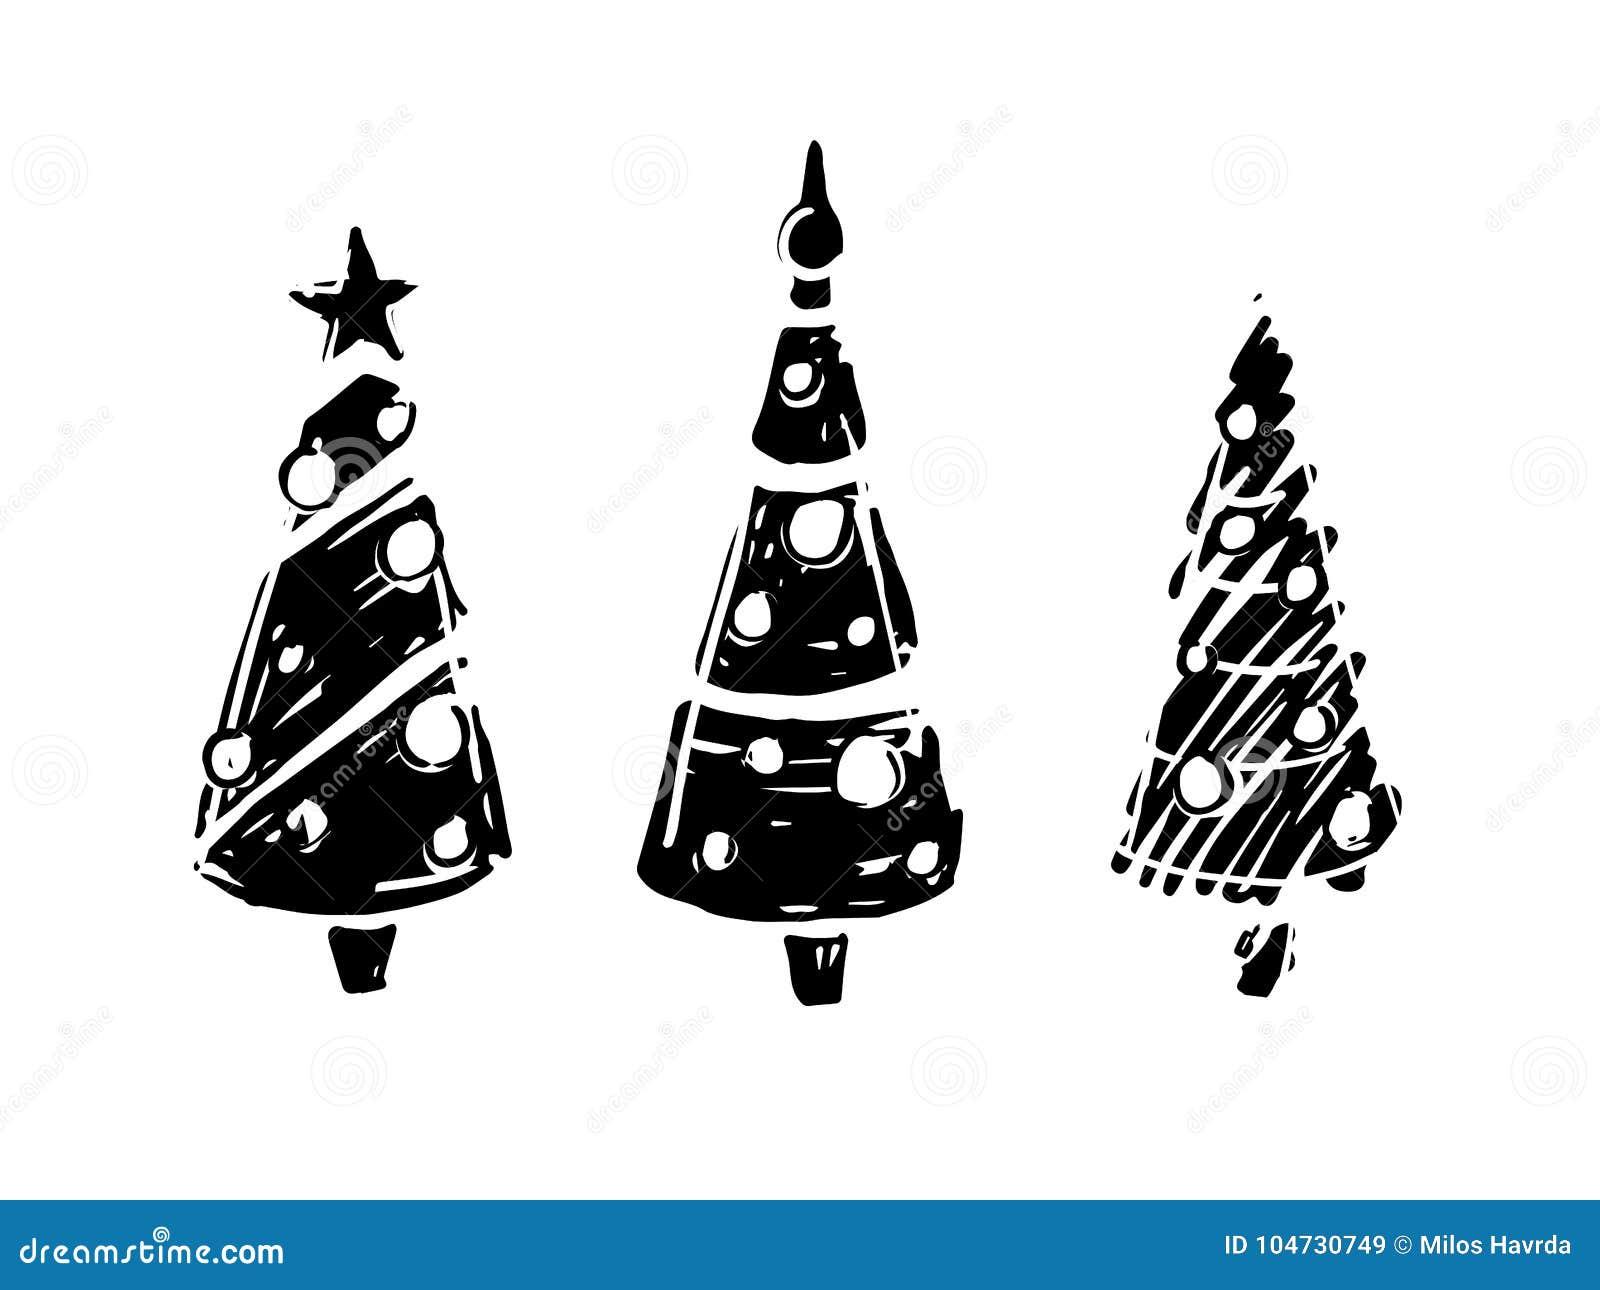 Immagini Natale In Bianco E Nero.Alberi Di Natale In Bianco E Nero Illustrazione Vettoriale